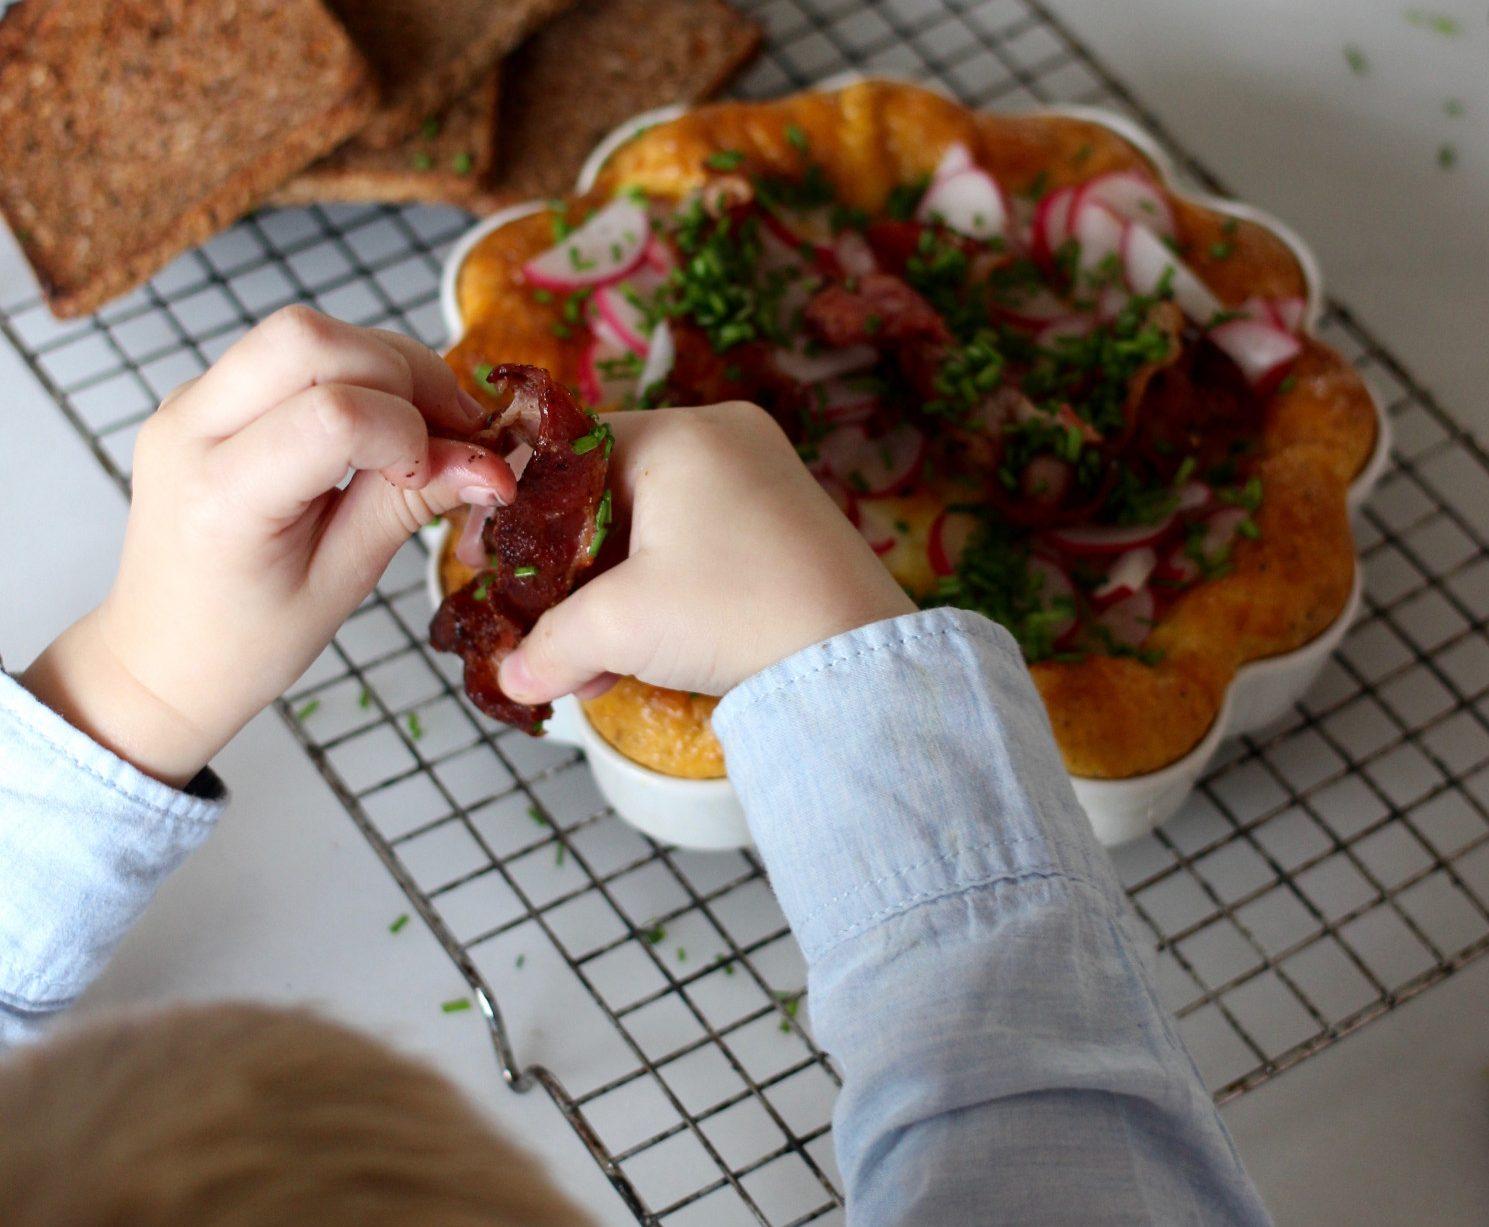 aeggekage-med-kartofler-annemette-voss-lidl-8